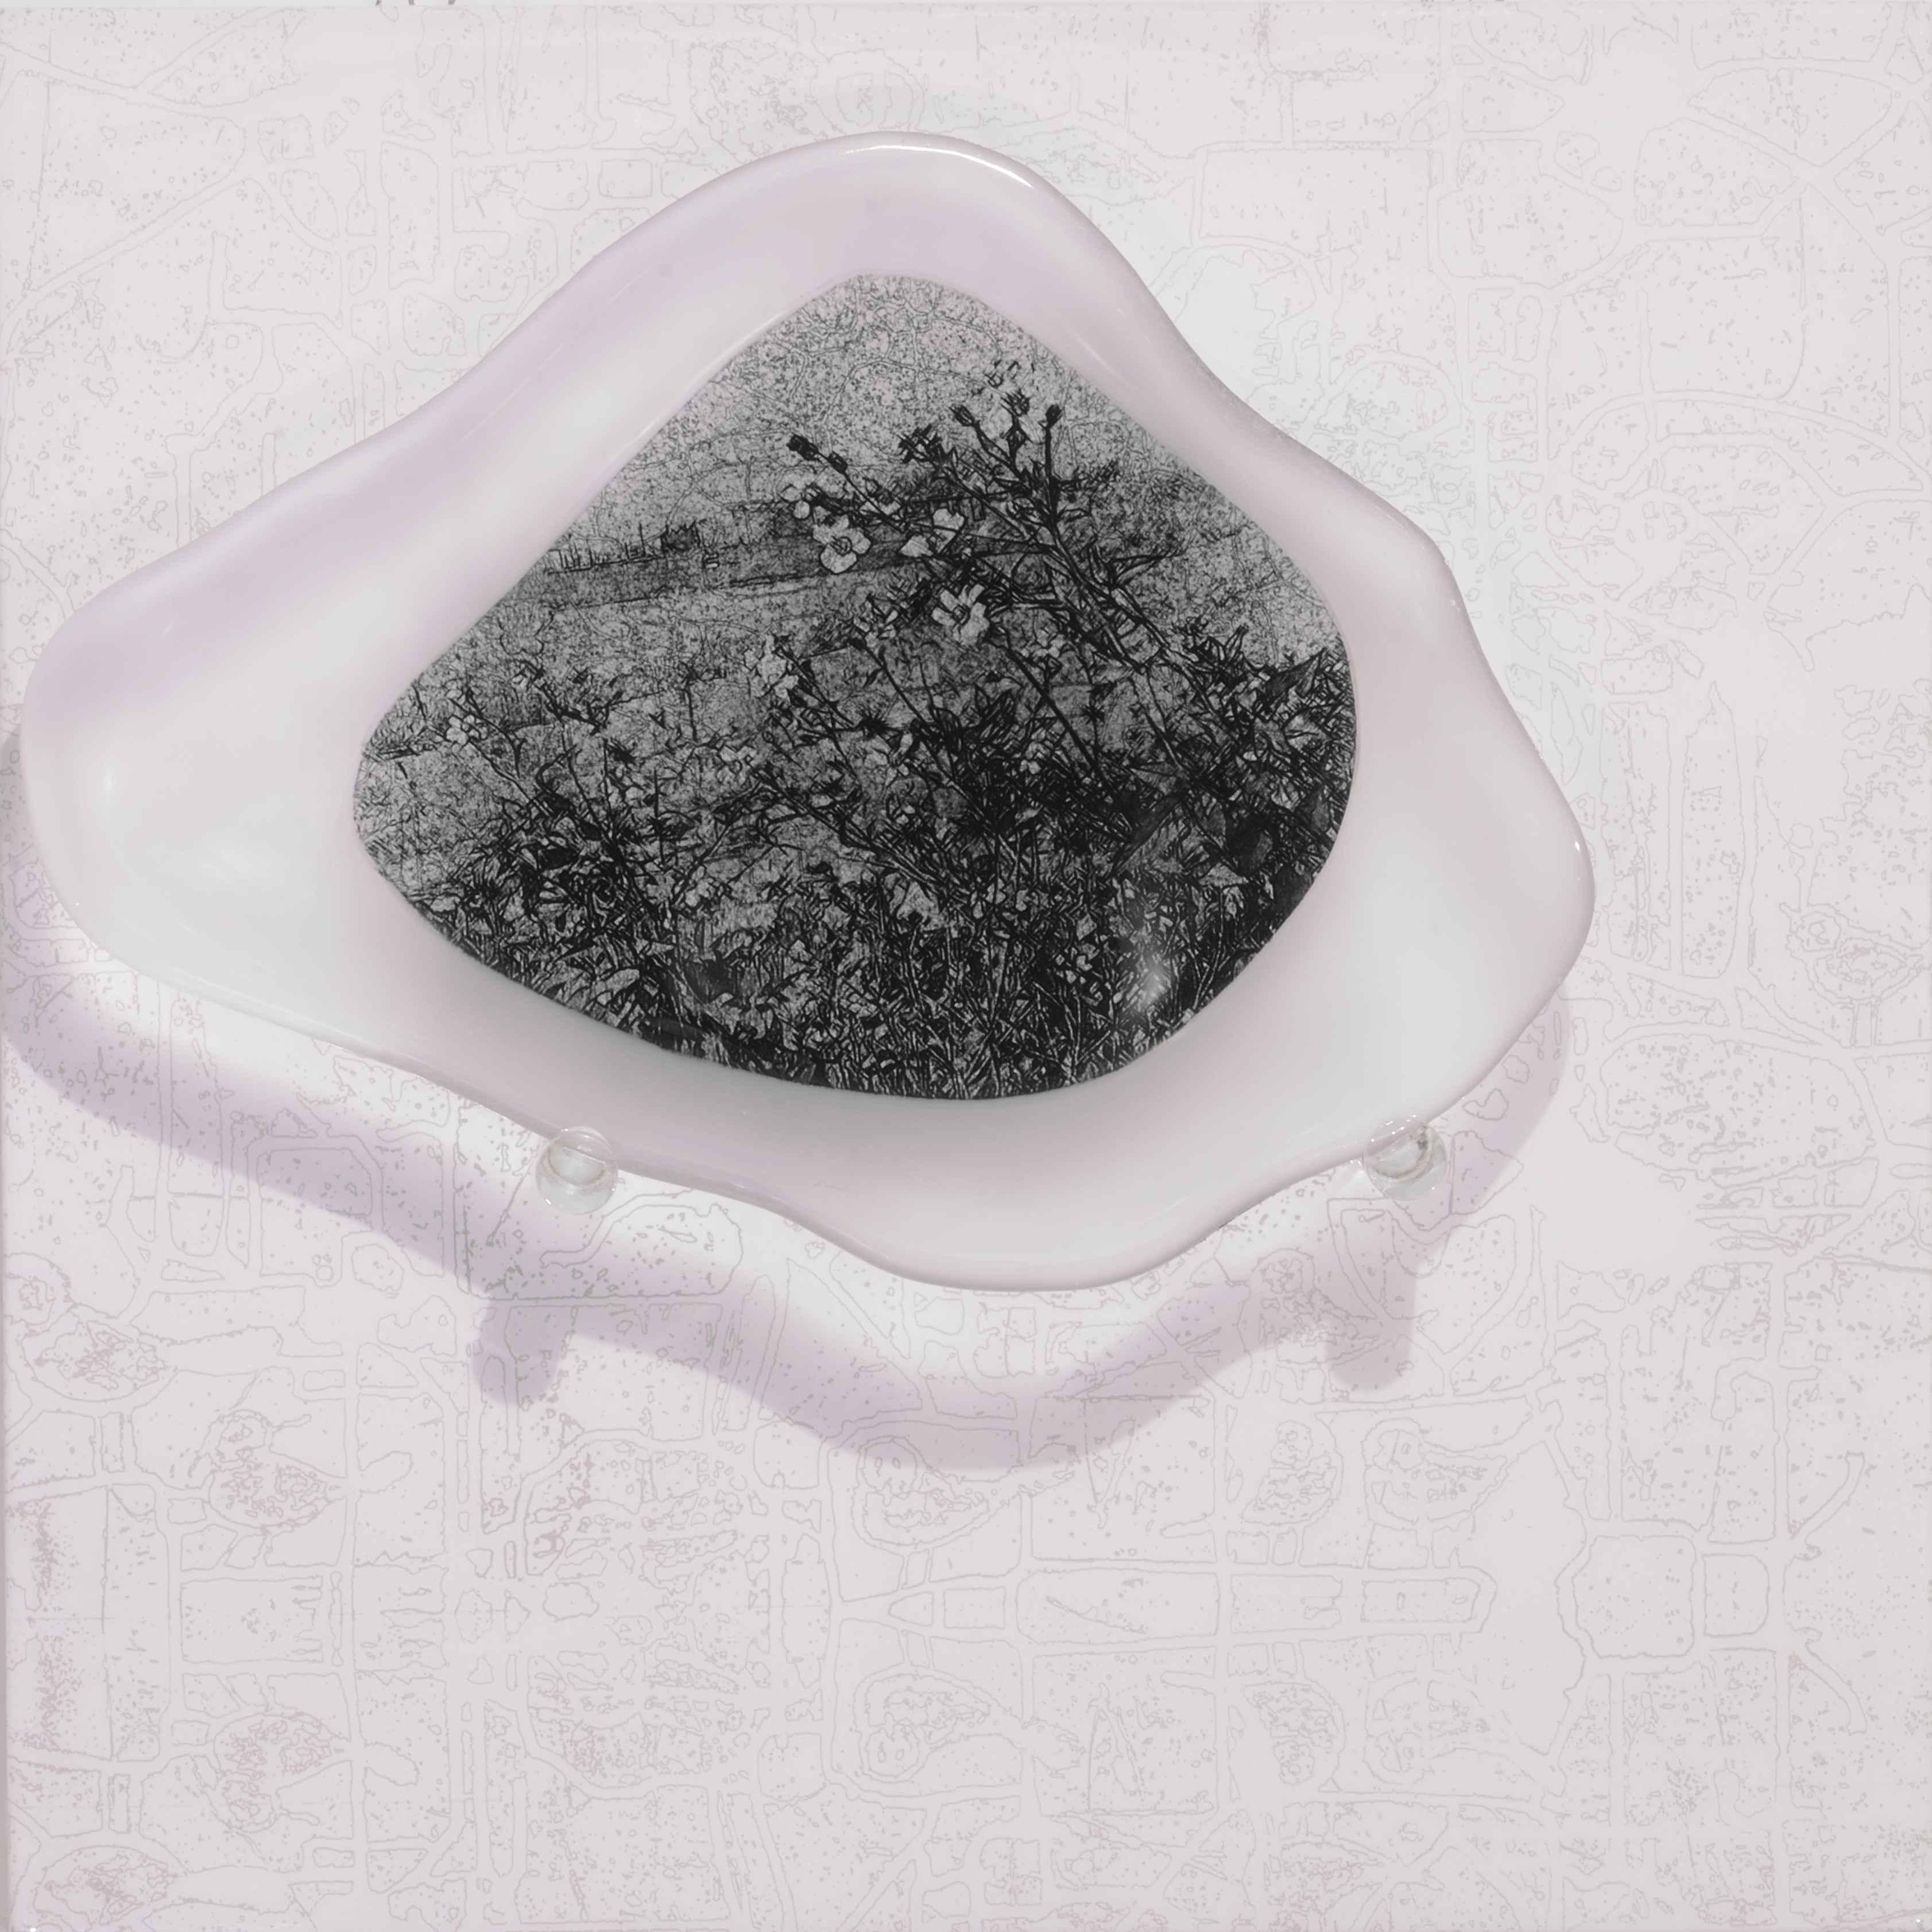 《水花園No.6》,玻璃、不鏽鋼,60×60×12cm,2015